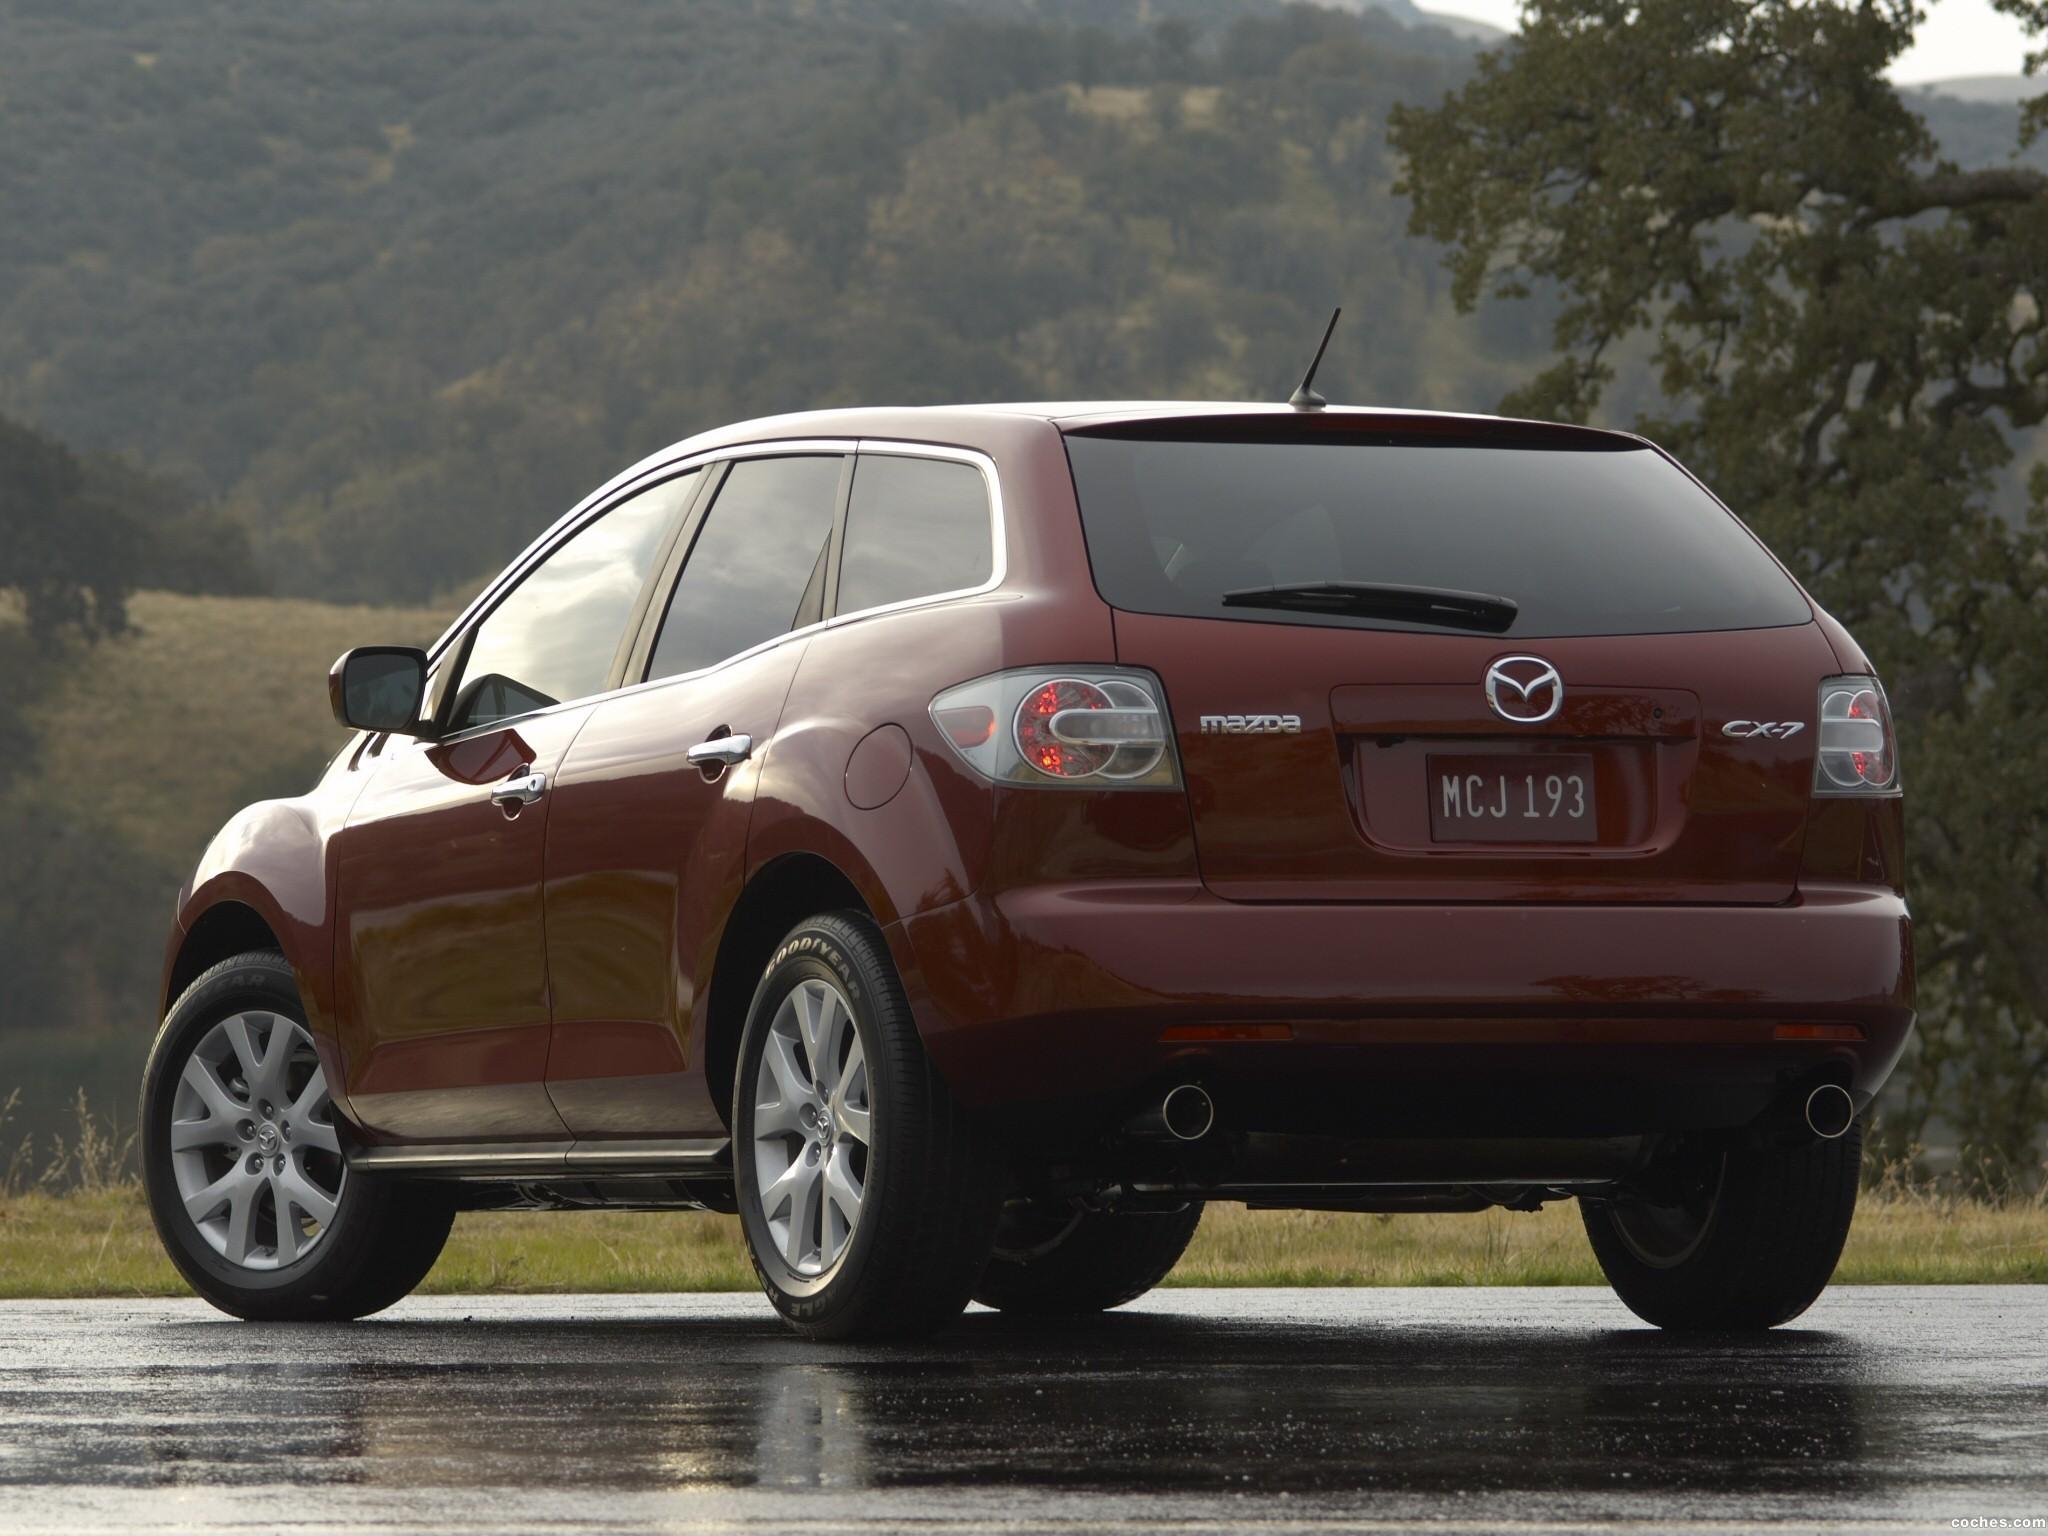 Foto 1 de Mazda CX-7 2007